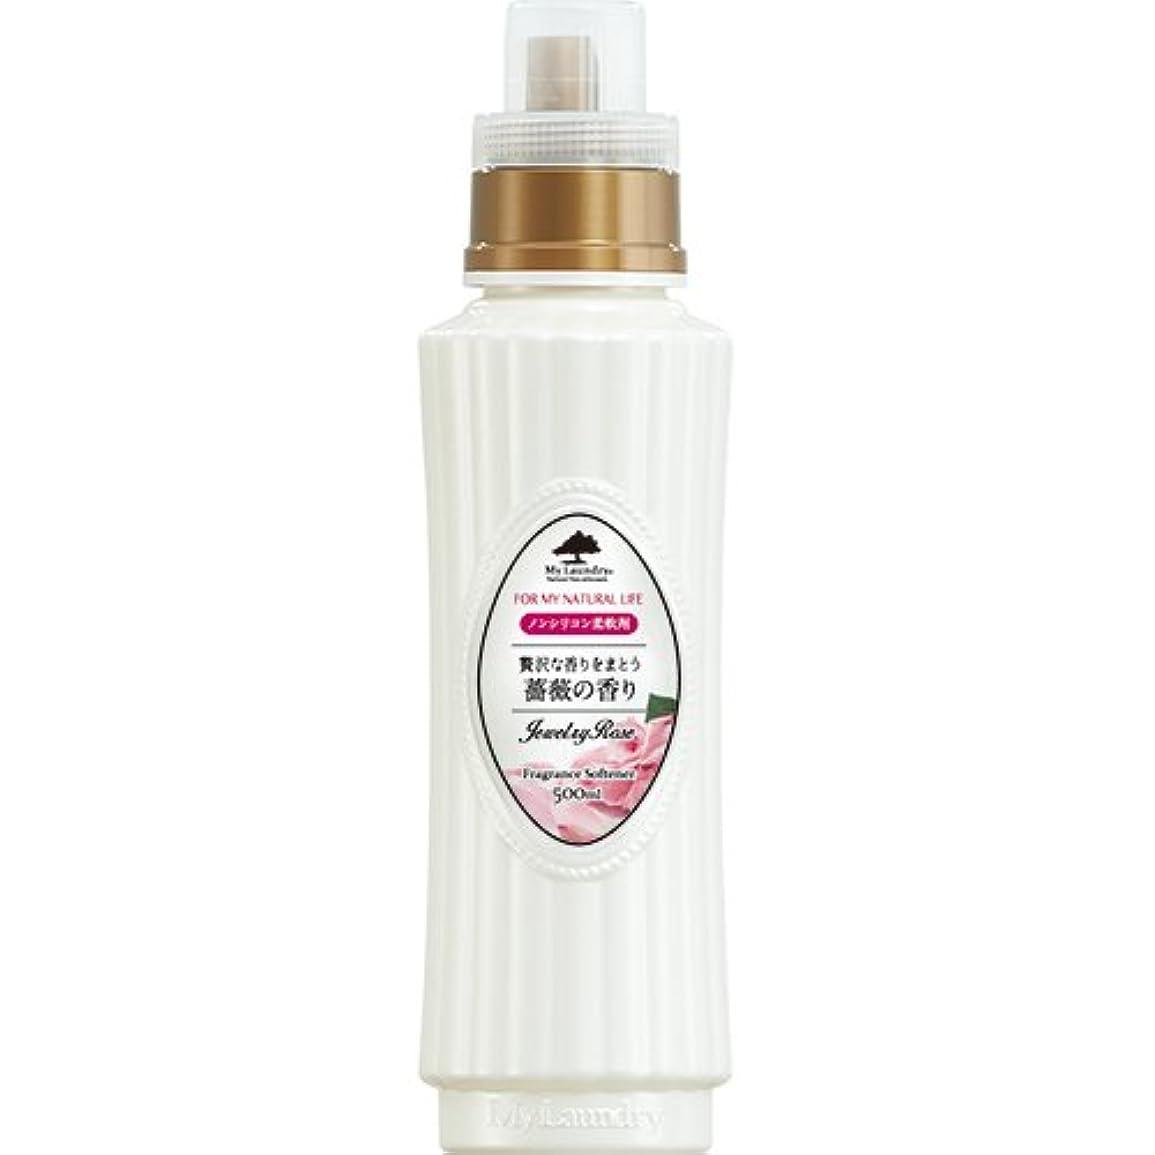 樹皮ブランド名アテンダントマイランドリー 【ノンシリコン柔軟剤】 薔薇の香り 500ml